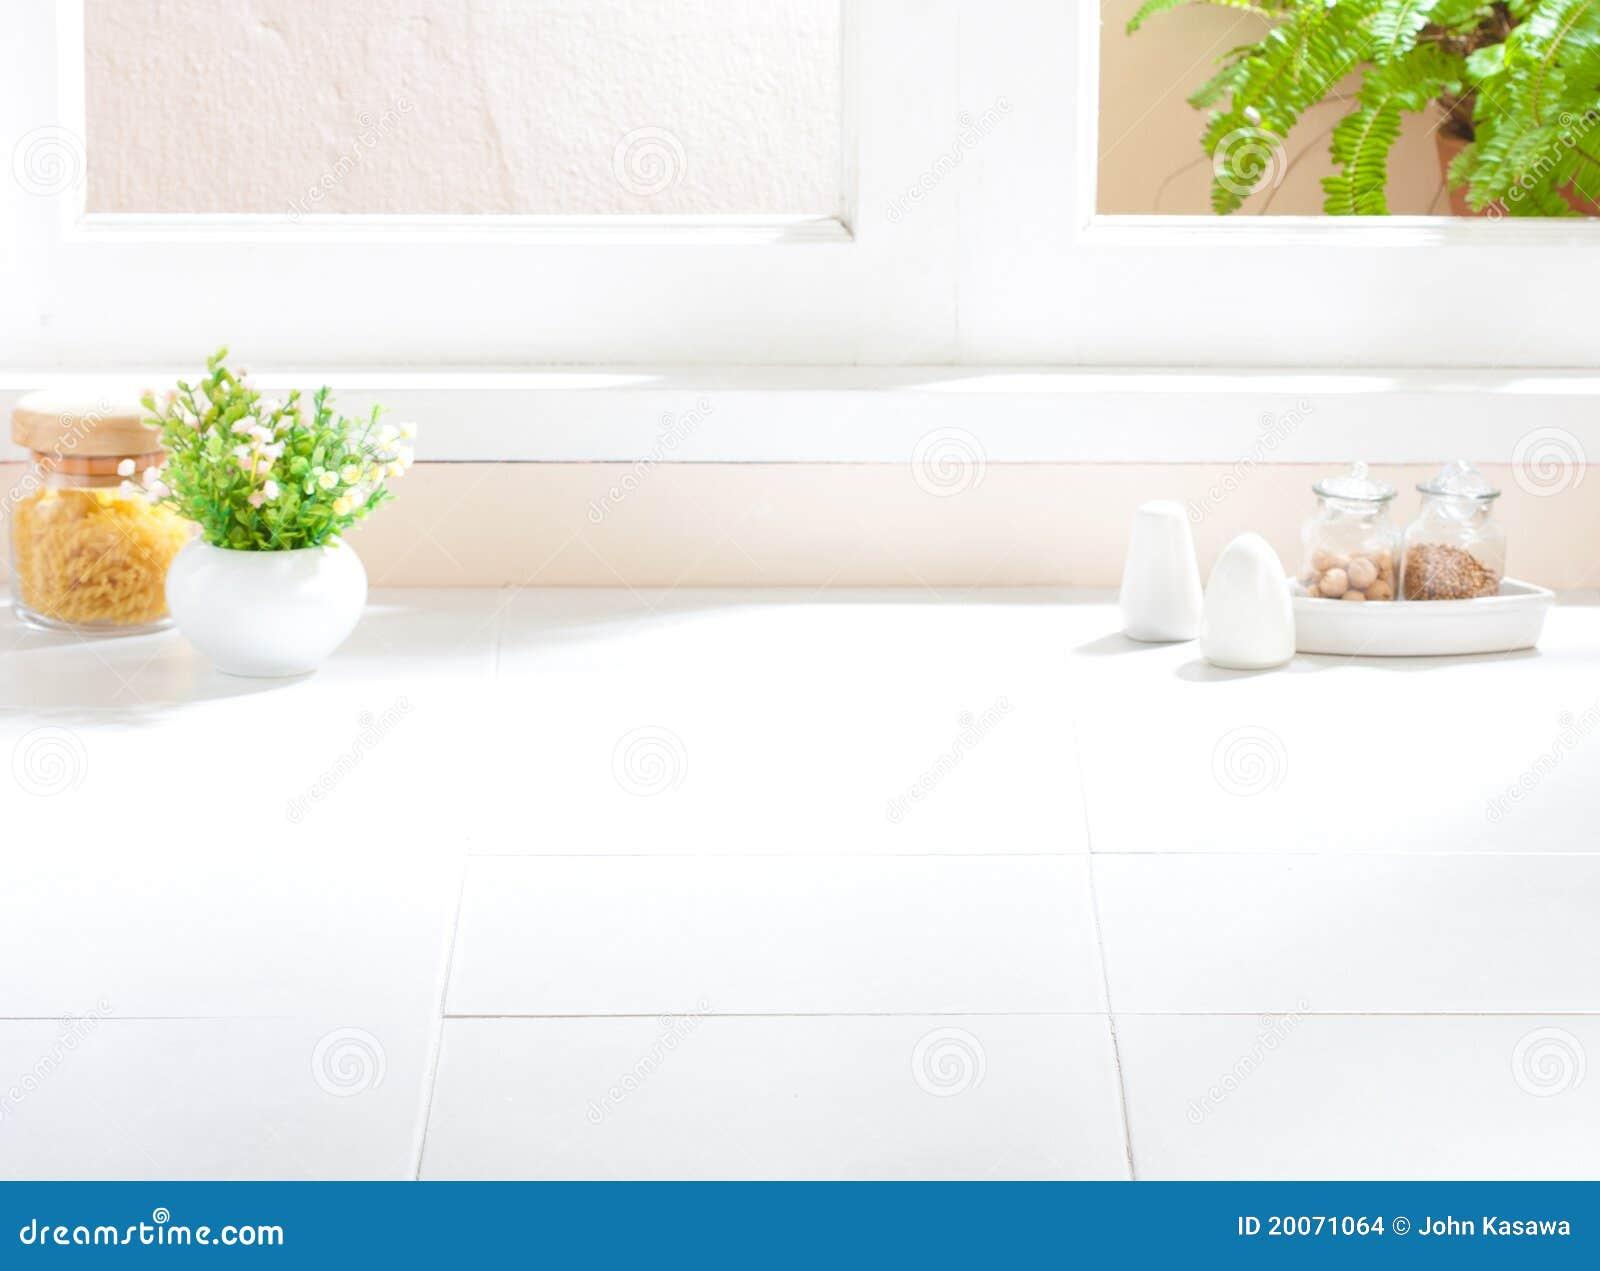 Empty blank kitchen interior